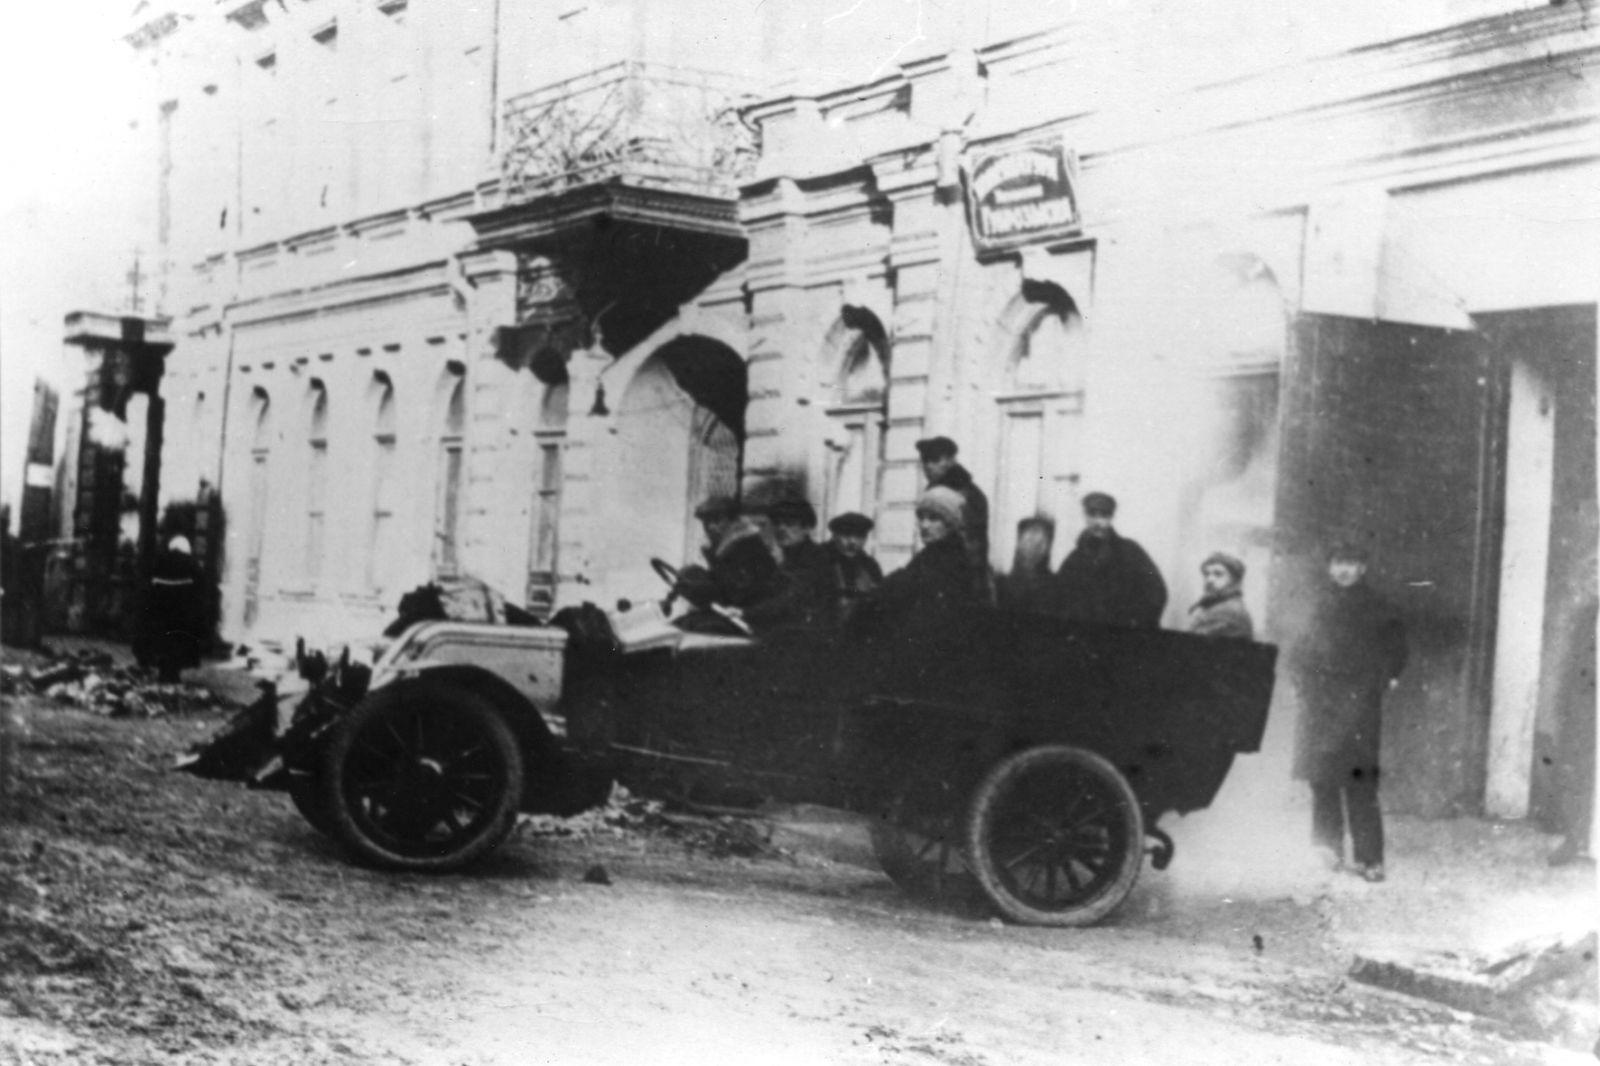 Виїзд співробітників розшуку на операцію, 1920 рік. Цього будинку у провулку Короленка (тоді — Петровському) вже немає. Фото з музею міліції